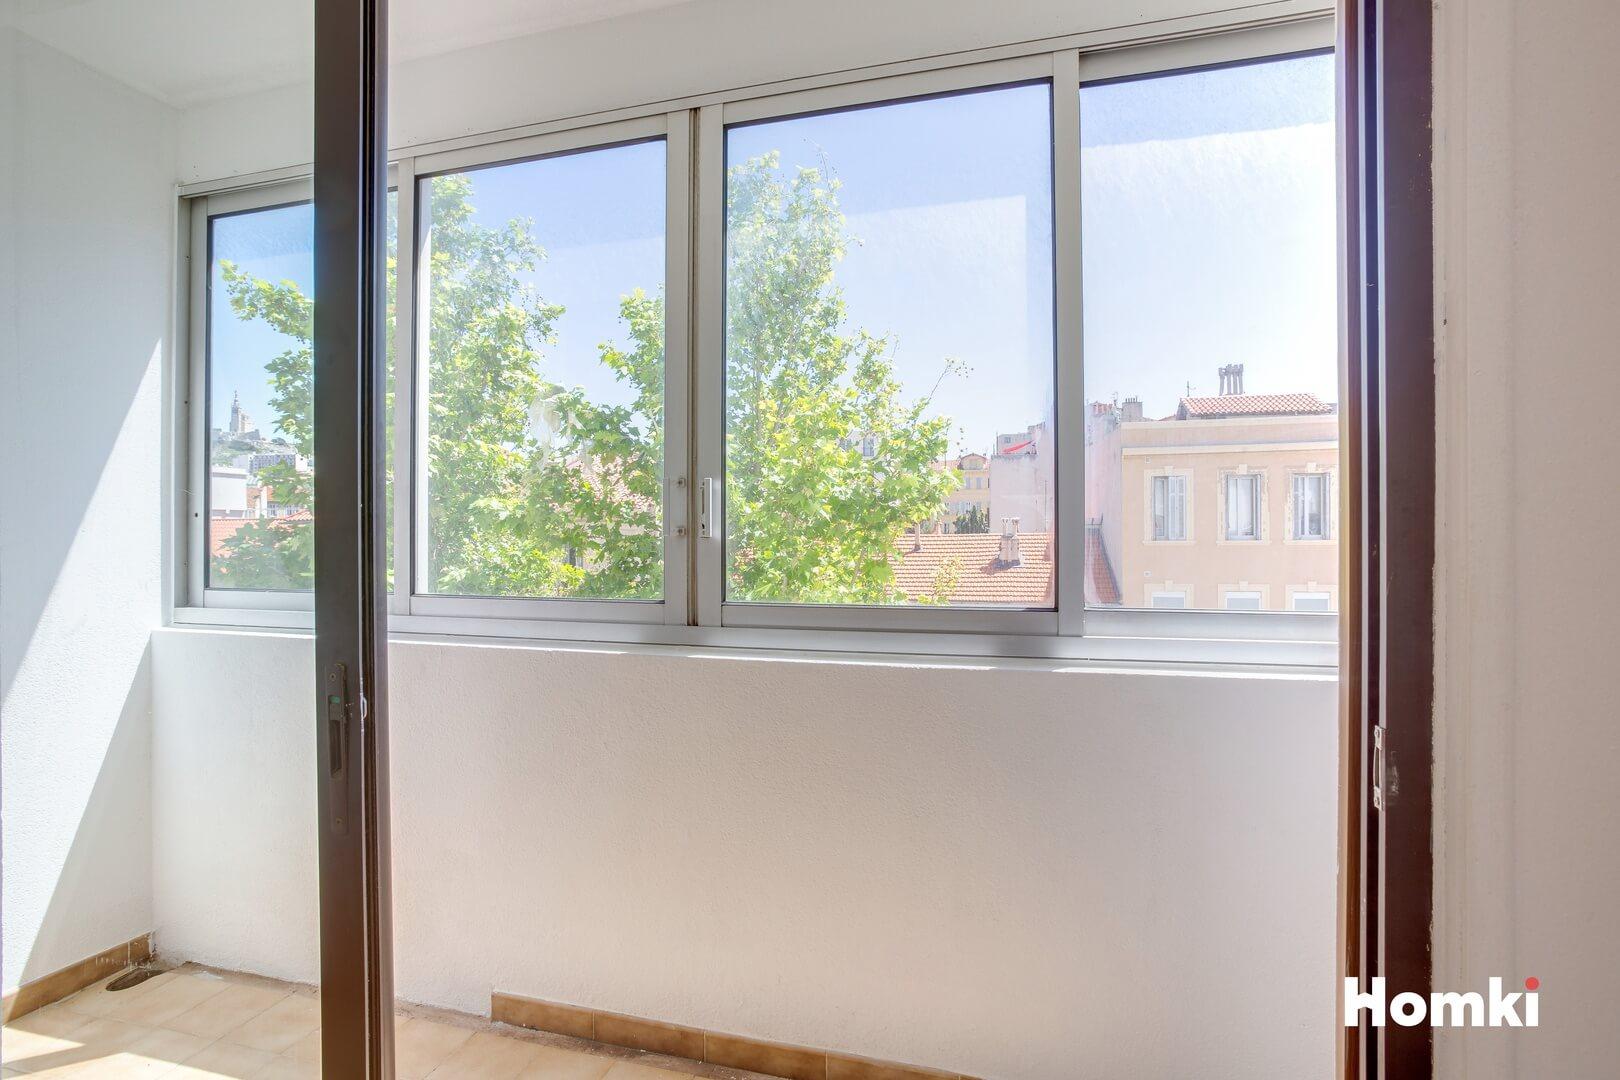 Homki - Vente Appartement  de 42.0 m² à Marseille 13007